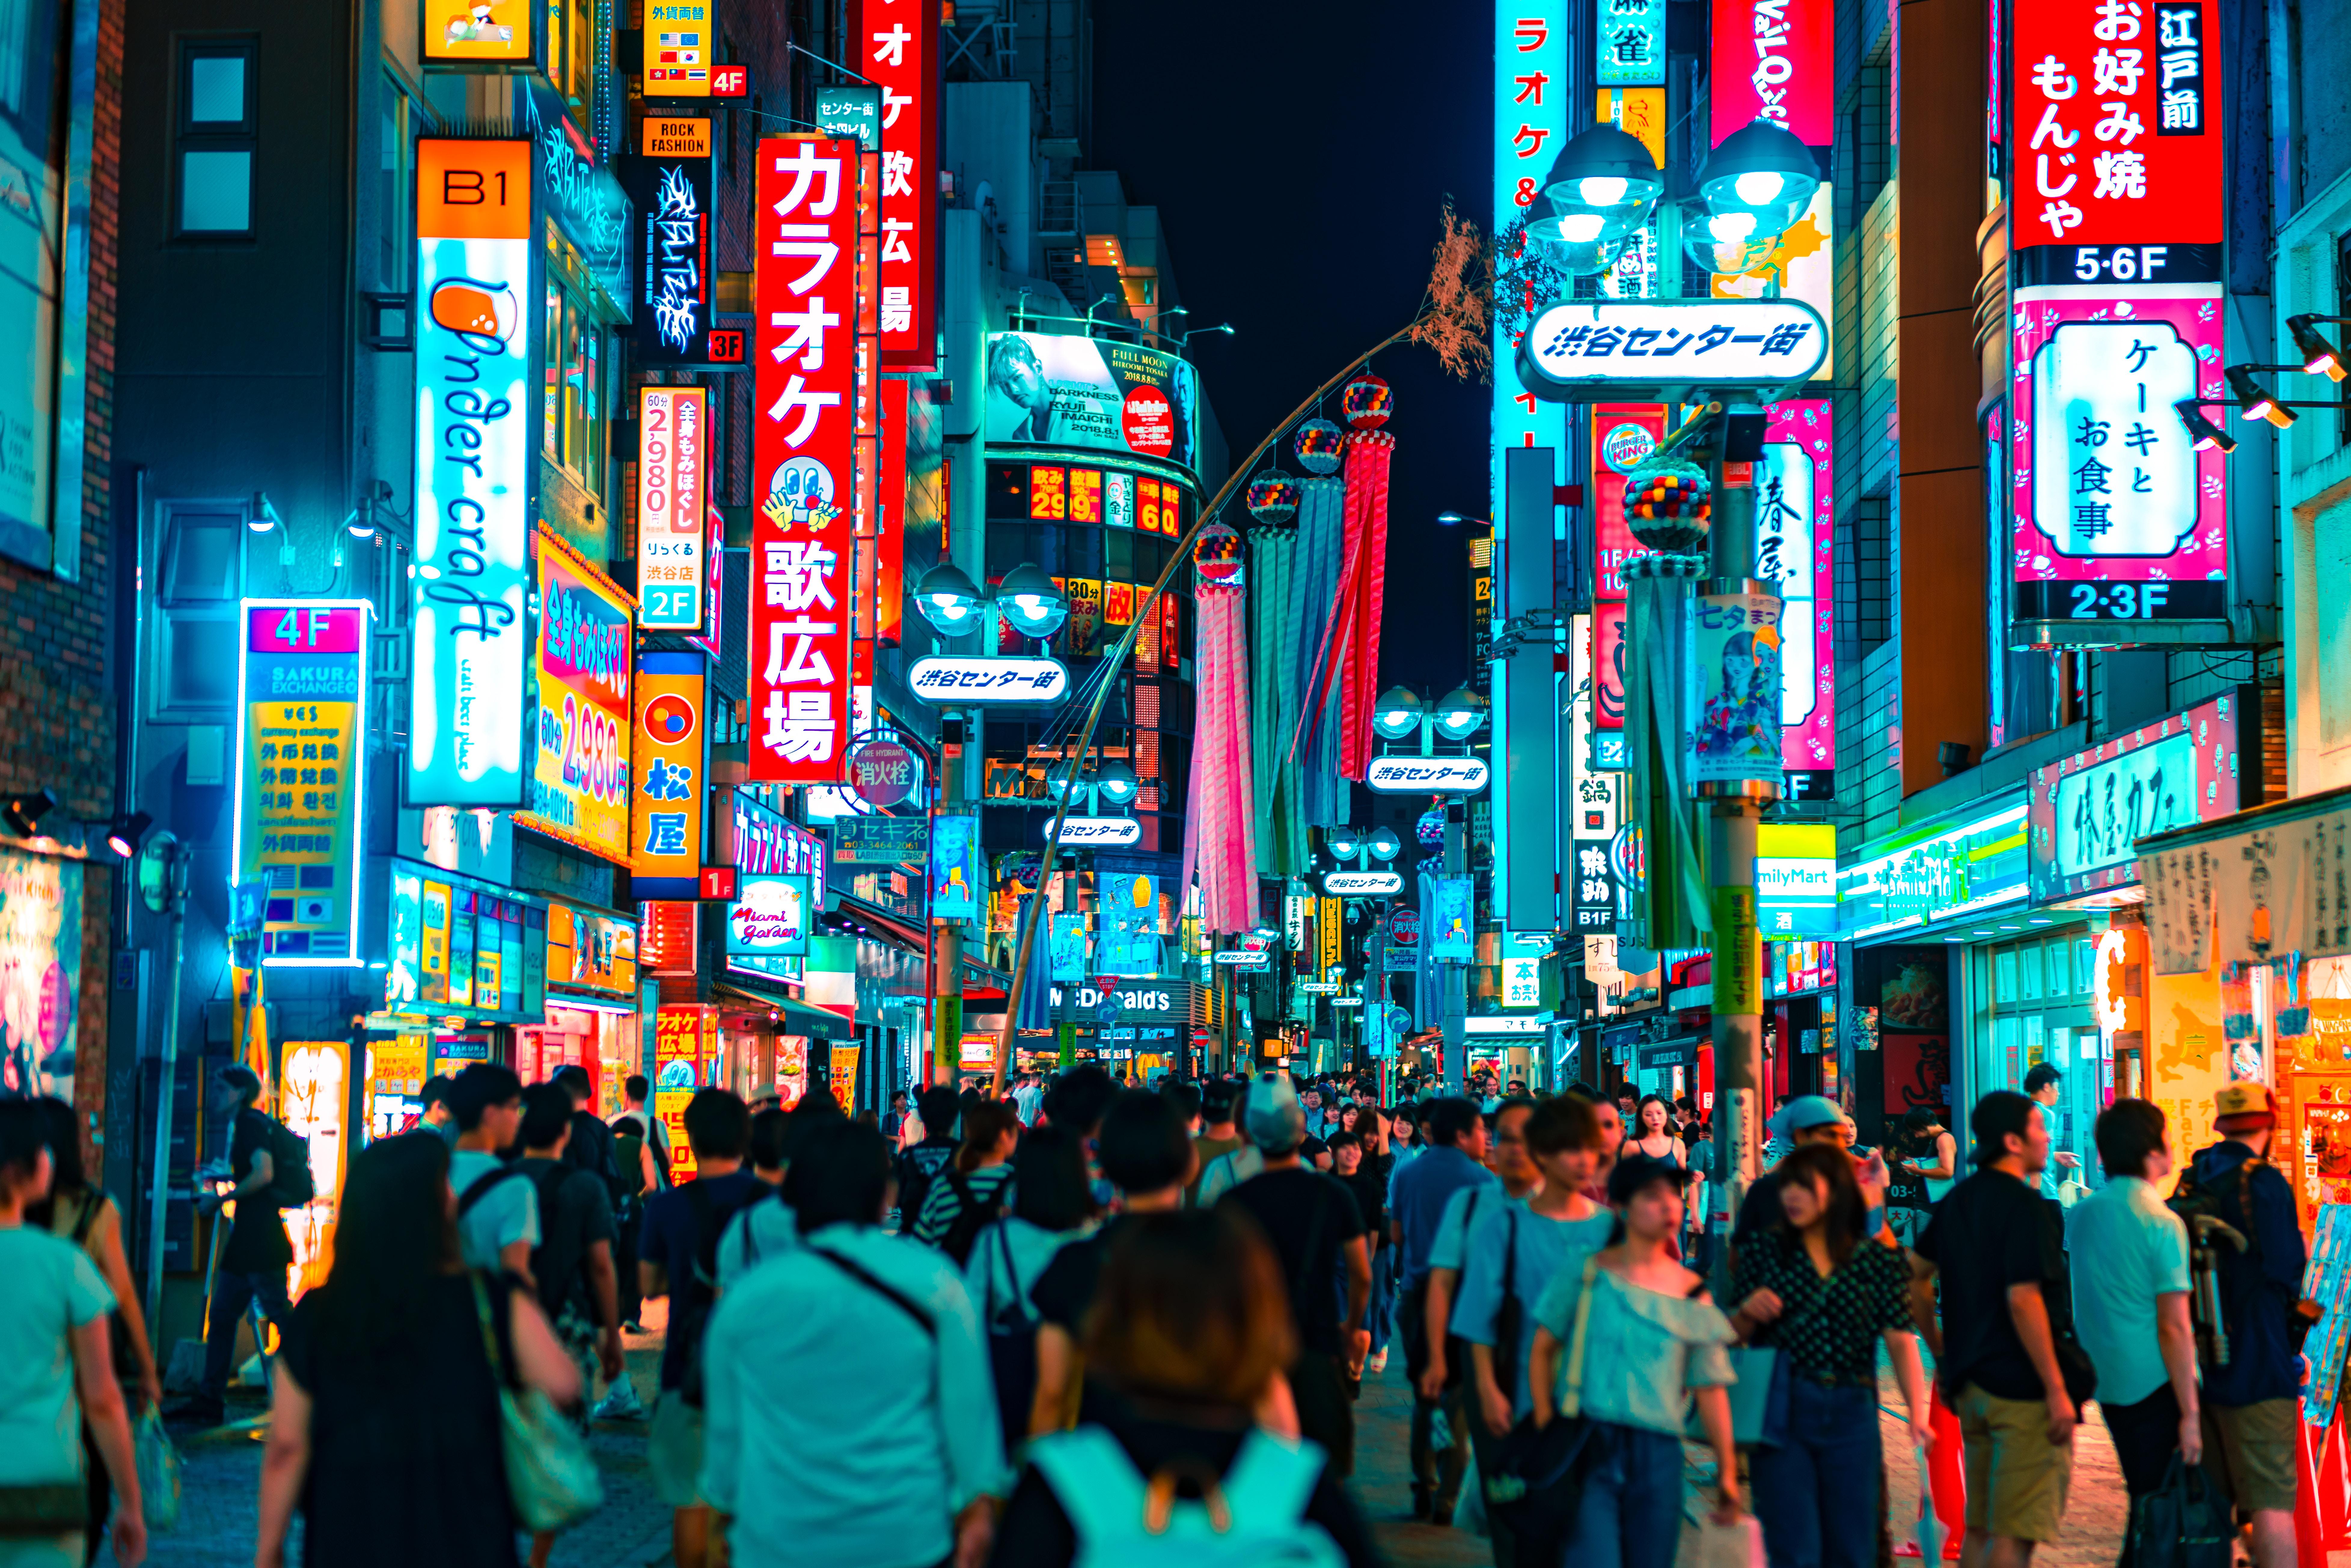 Tokyo's bustling Shibuya neighborhood. (Jezael Melgoza)